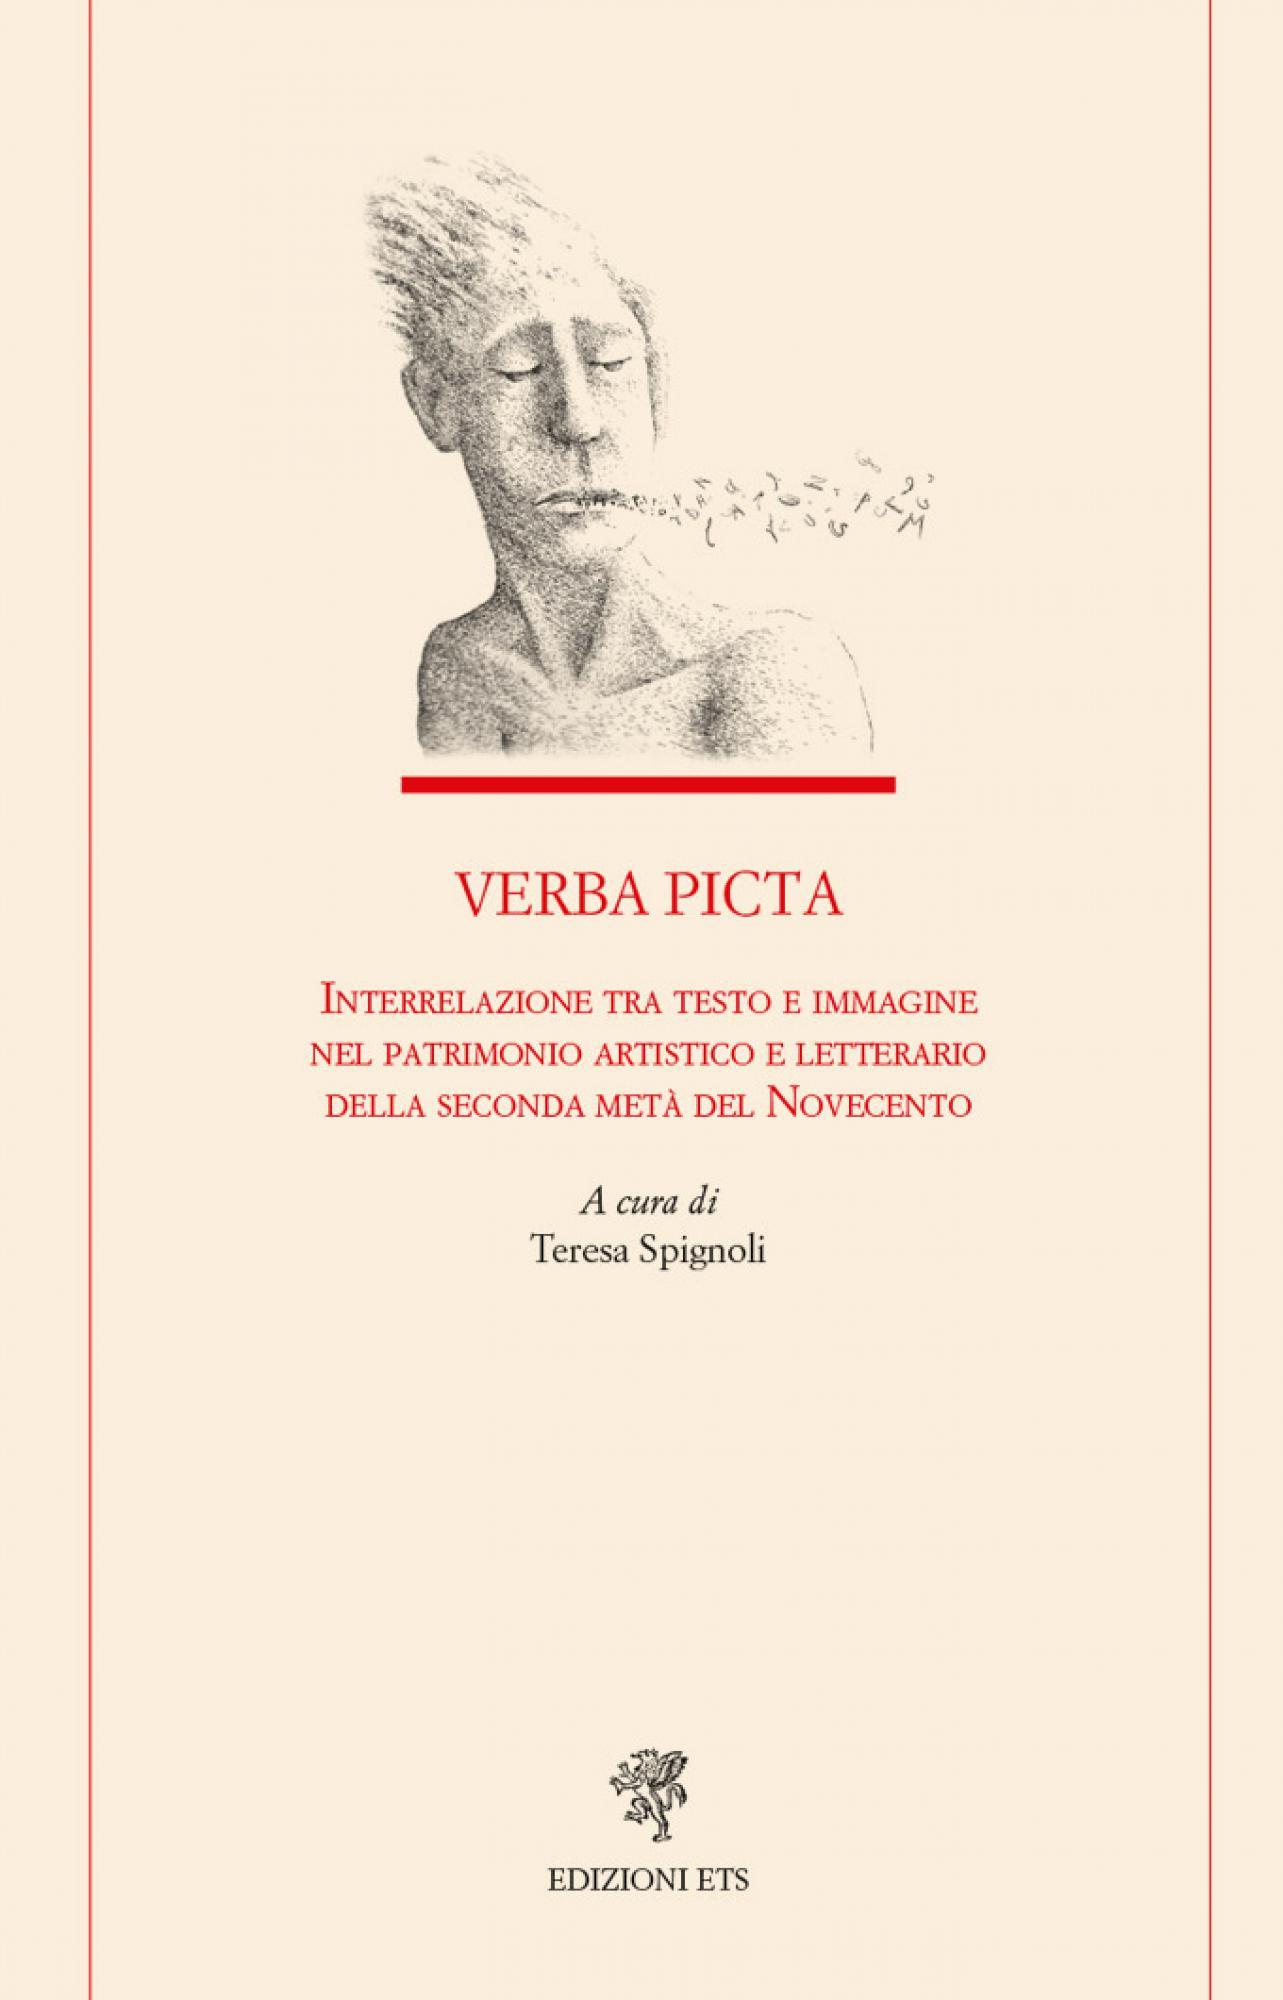 Verba picta.Interrelazione tra testo e immagine nel patrimonio artistico e letterario della seconda metà del Novecento